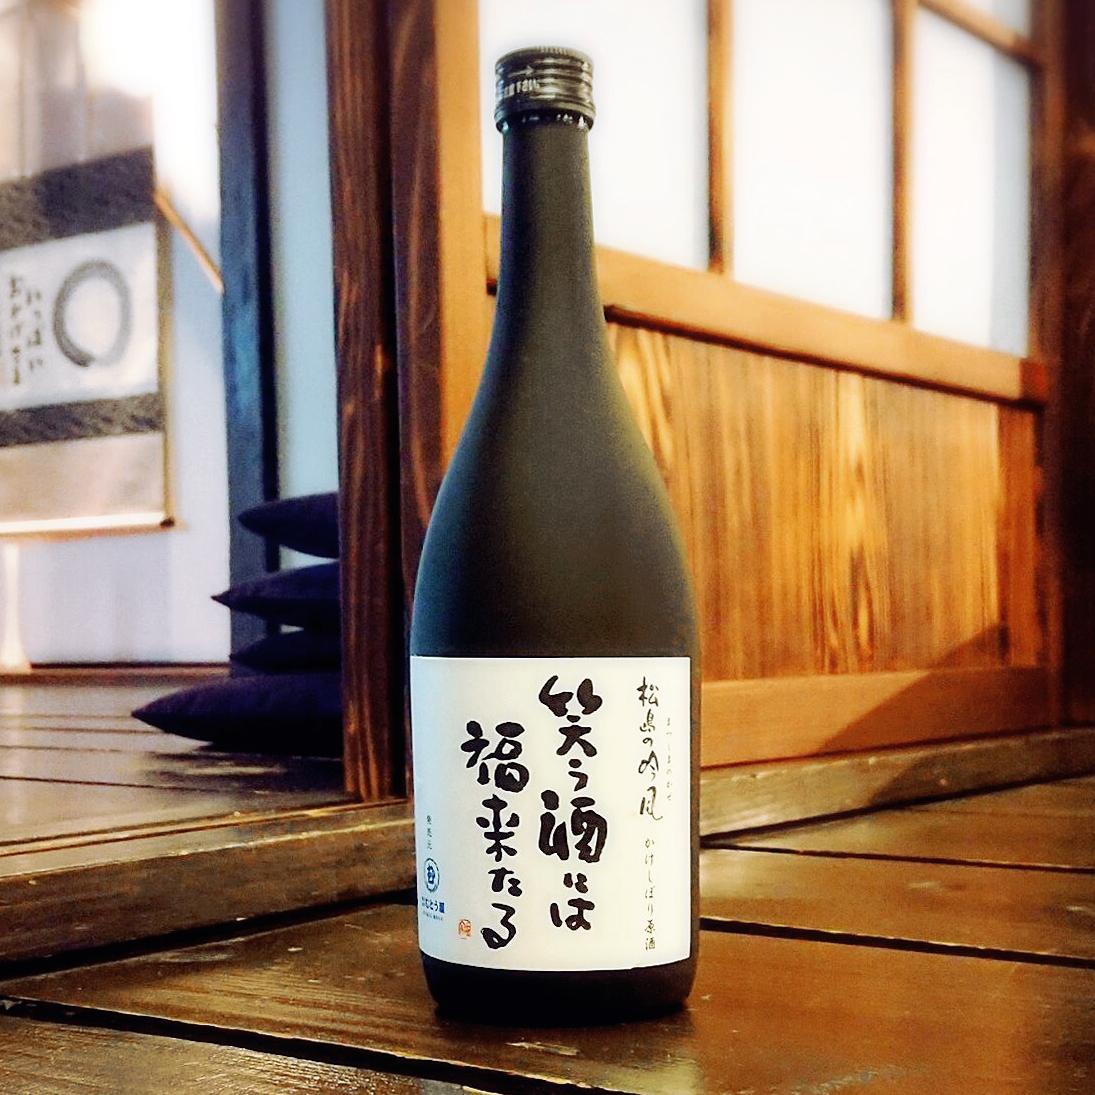 松島の吟風~笑う酒には福来たる~(純米大吟醸かけしぼり原酒)